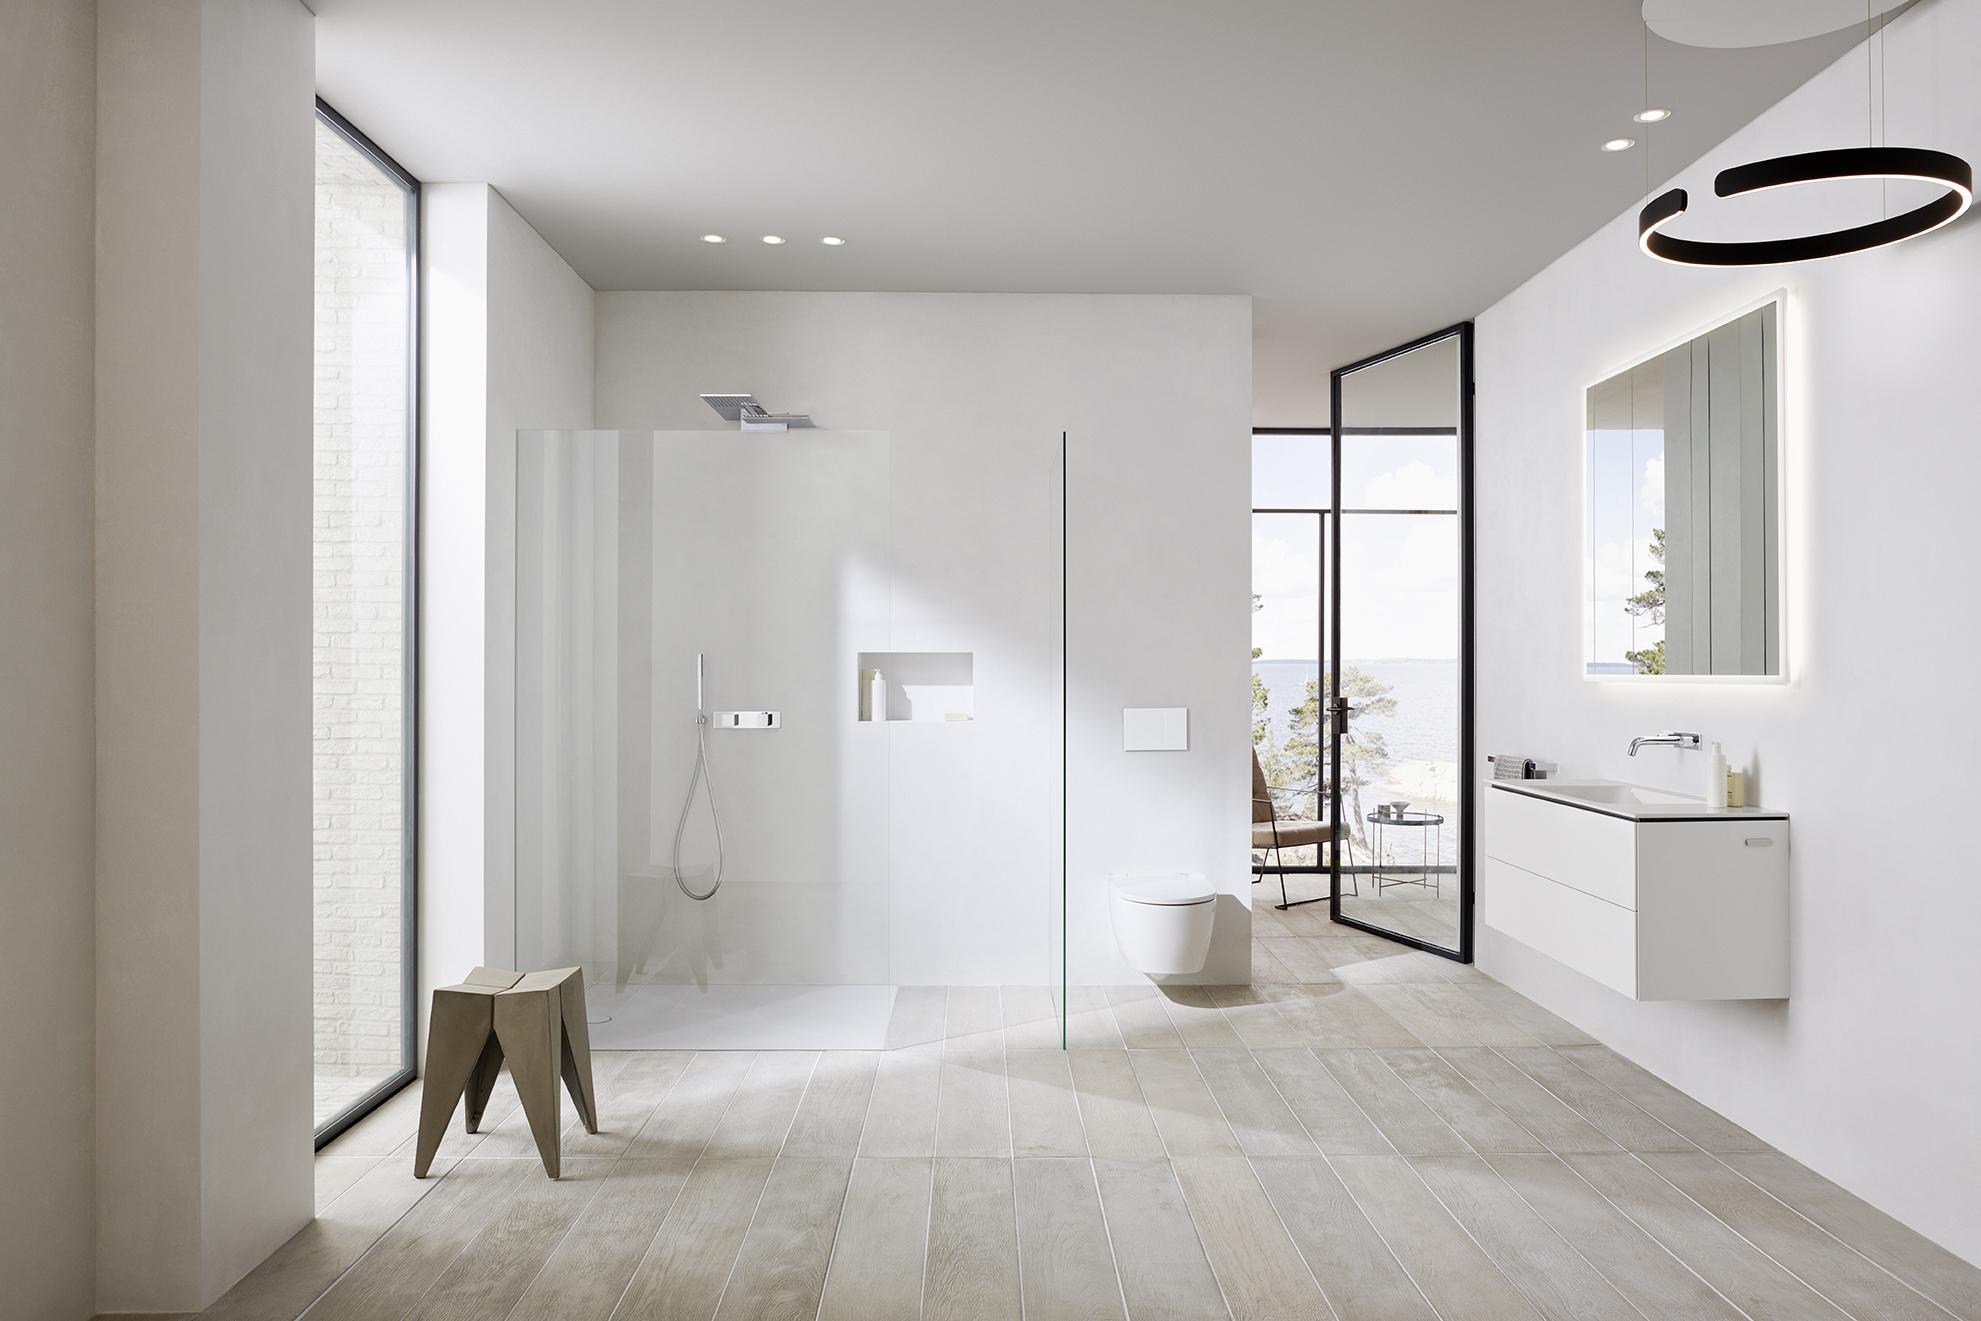 Vorwandsysteme bieten Komfort und Platzgewinn im Bad